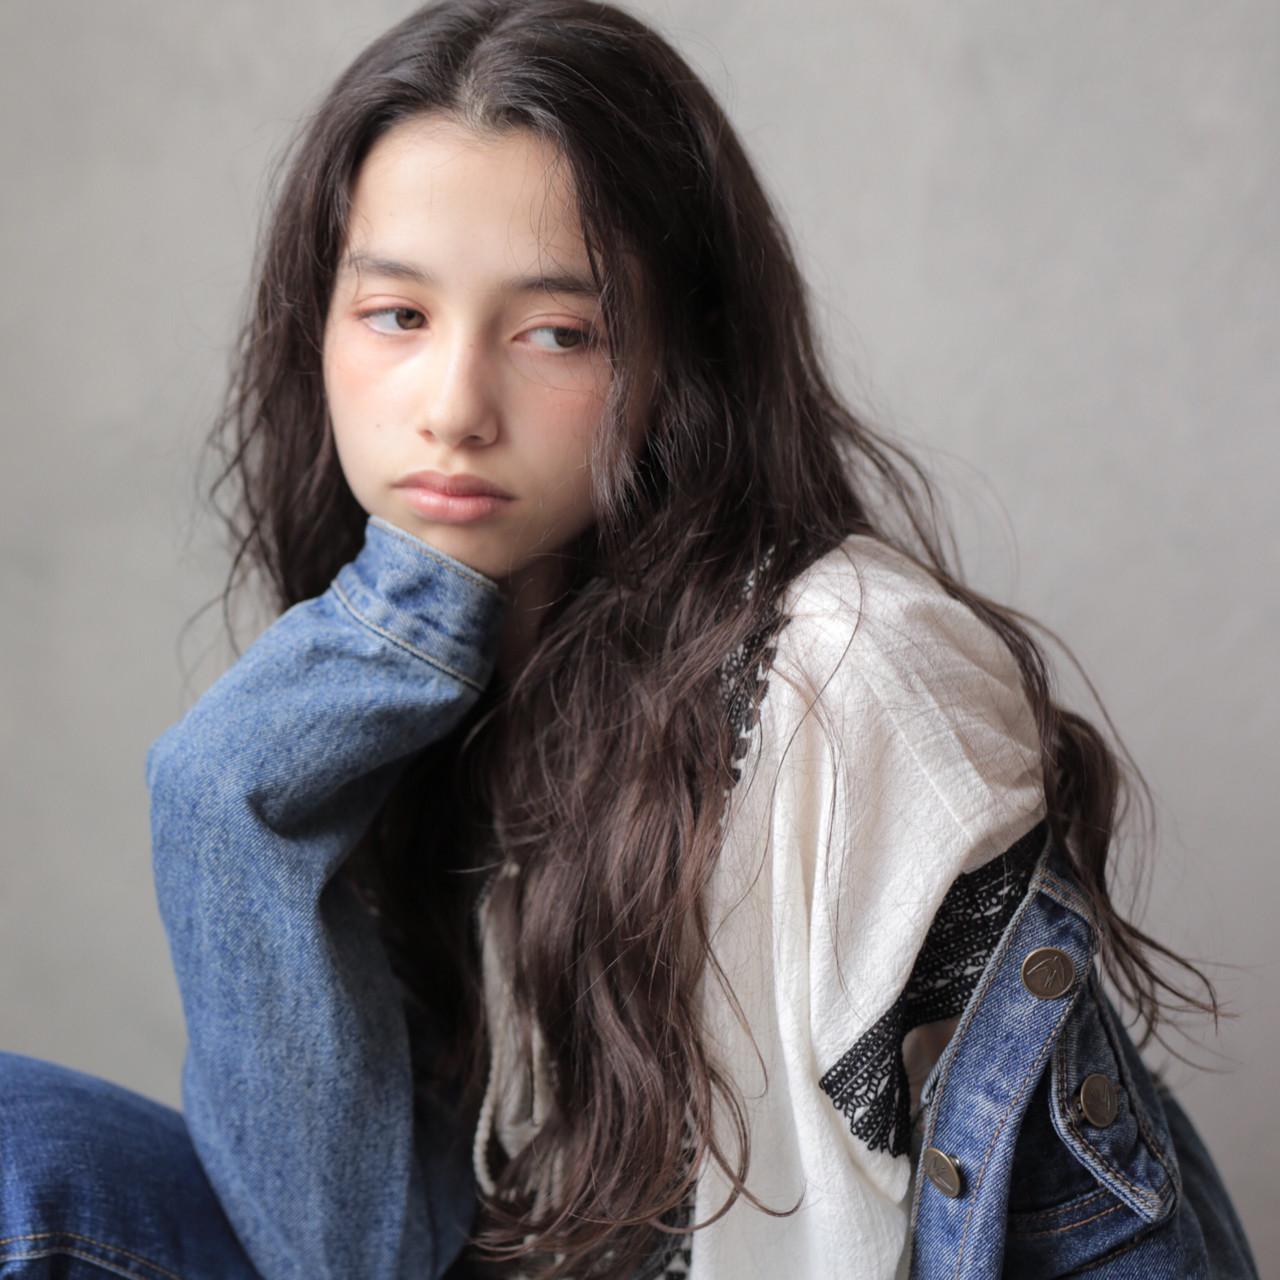 女子力 ウェーブ ロング パーマ ヘアスタイルや髪型の写真・画像